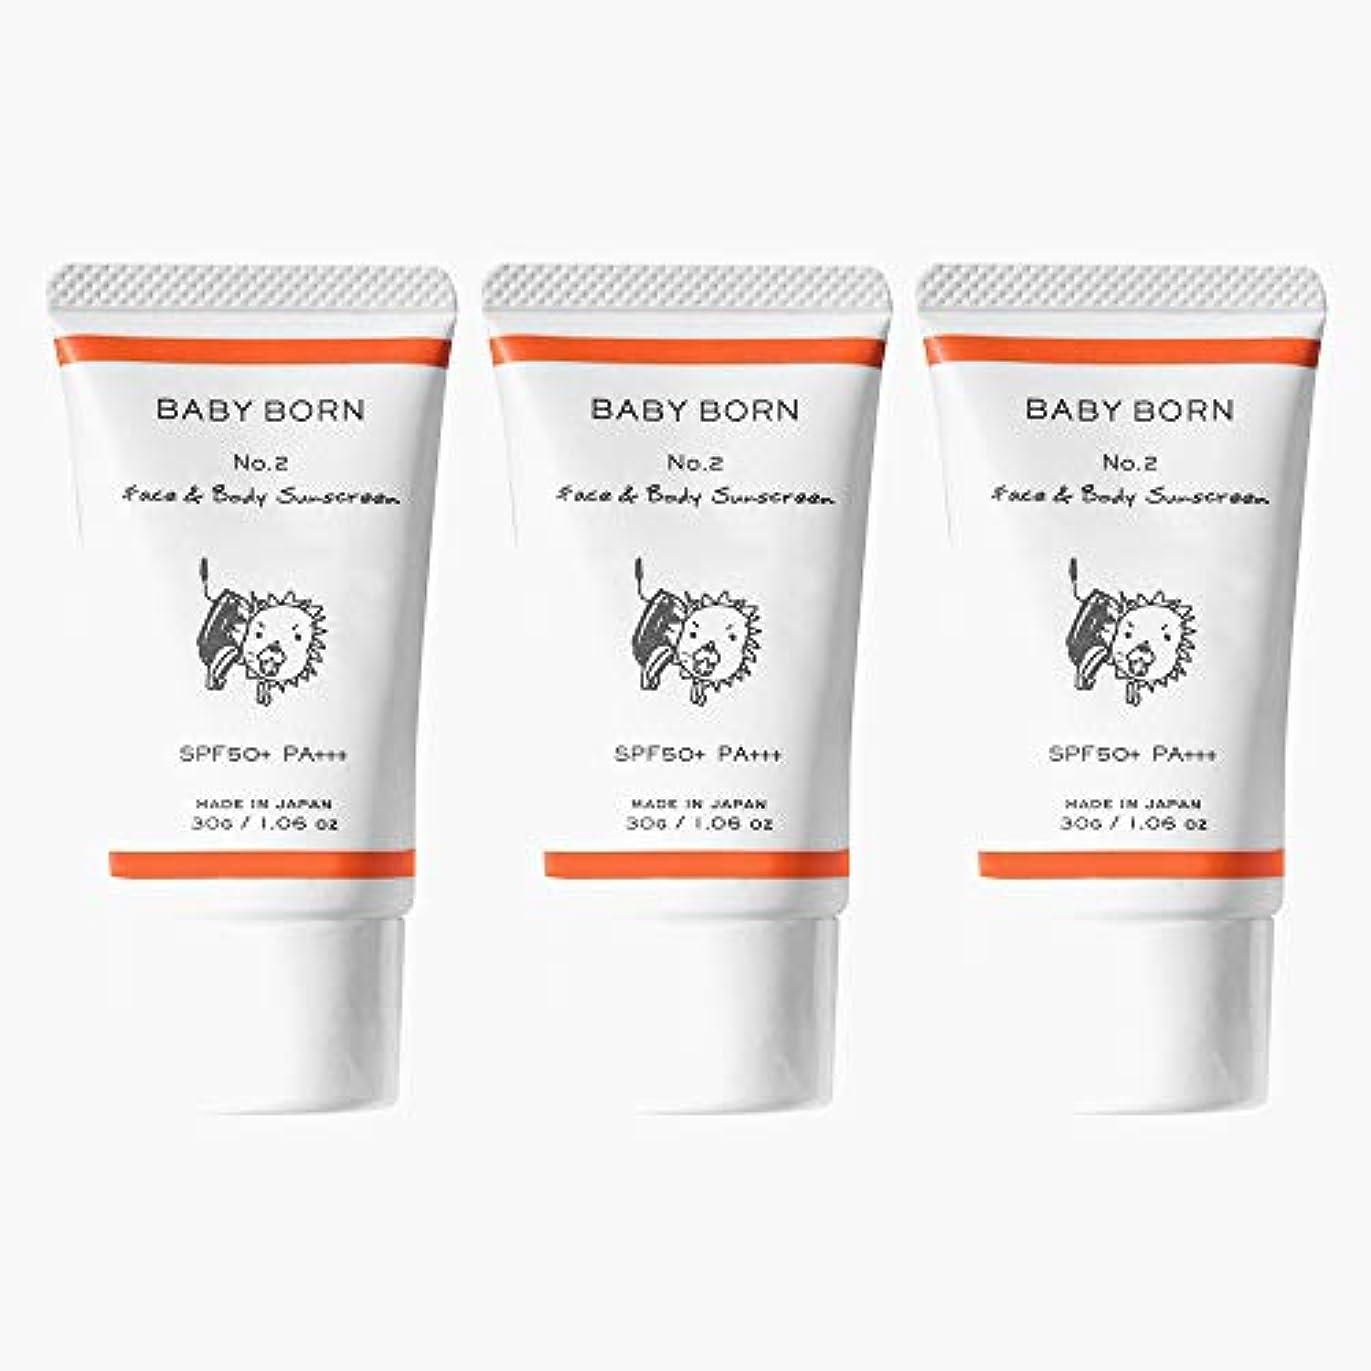 誘惑エレクトロニック聞きます日焼け止め 赤ちゃんや子どもにも使えるBABY BORN(ベビーボーン) Face&Body Sunscreen 3個セット 日焼け止め UV ケア 東原亜希 高橋ミカ 共同開発 SPF50+/PA++++